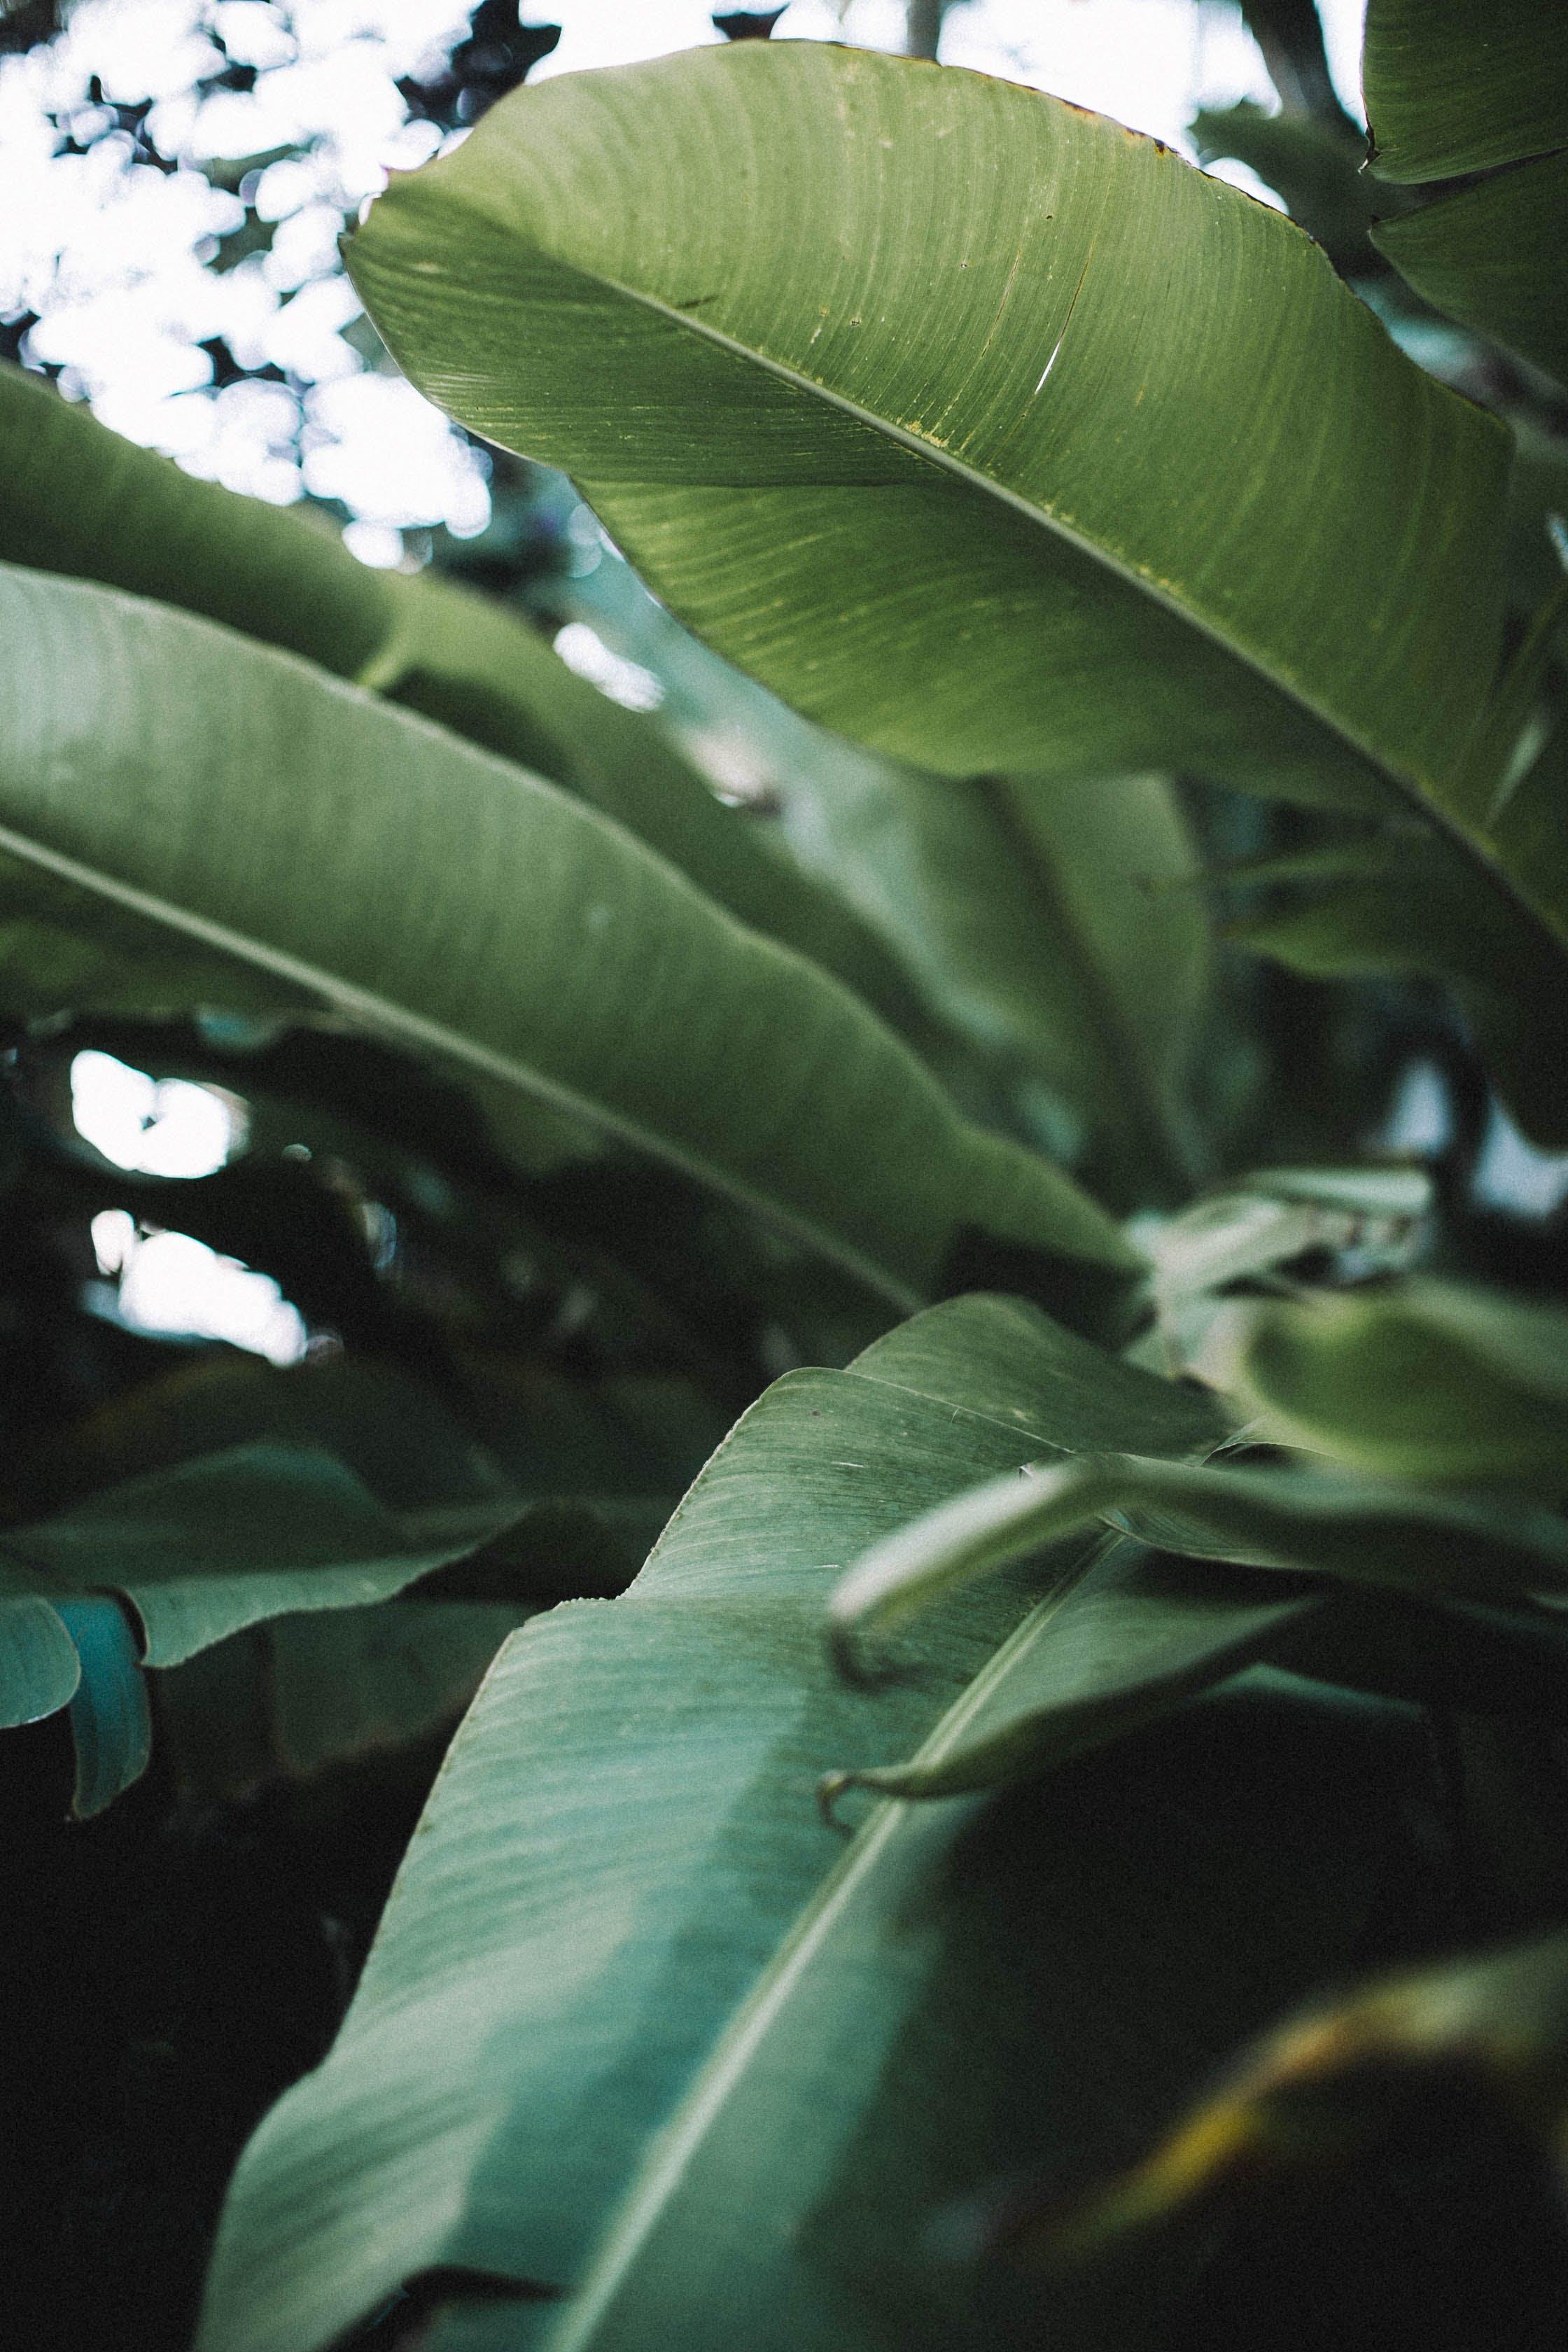 Darmowe zdjęcie z galerii z liście, roślina, zbliżenie, zielony